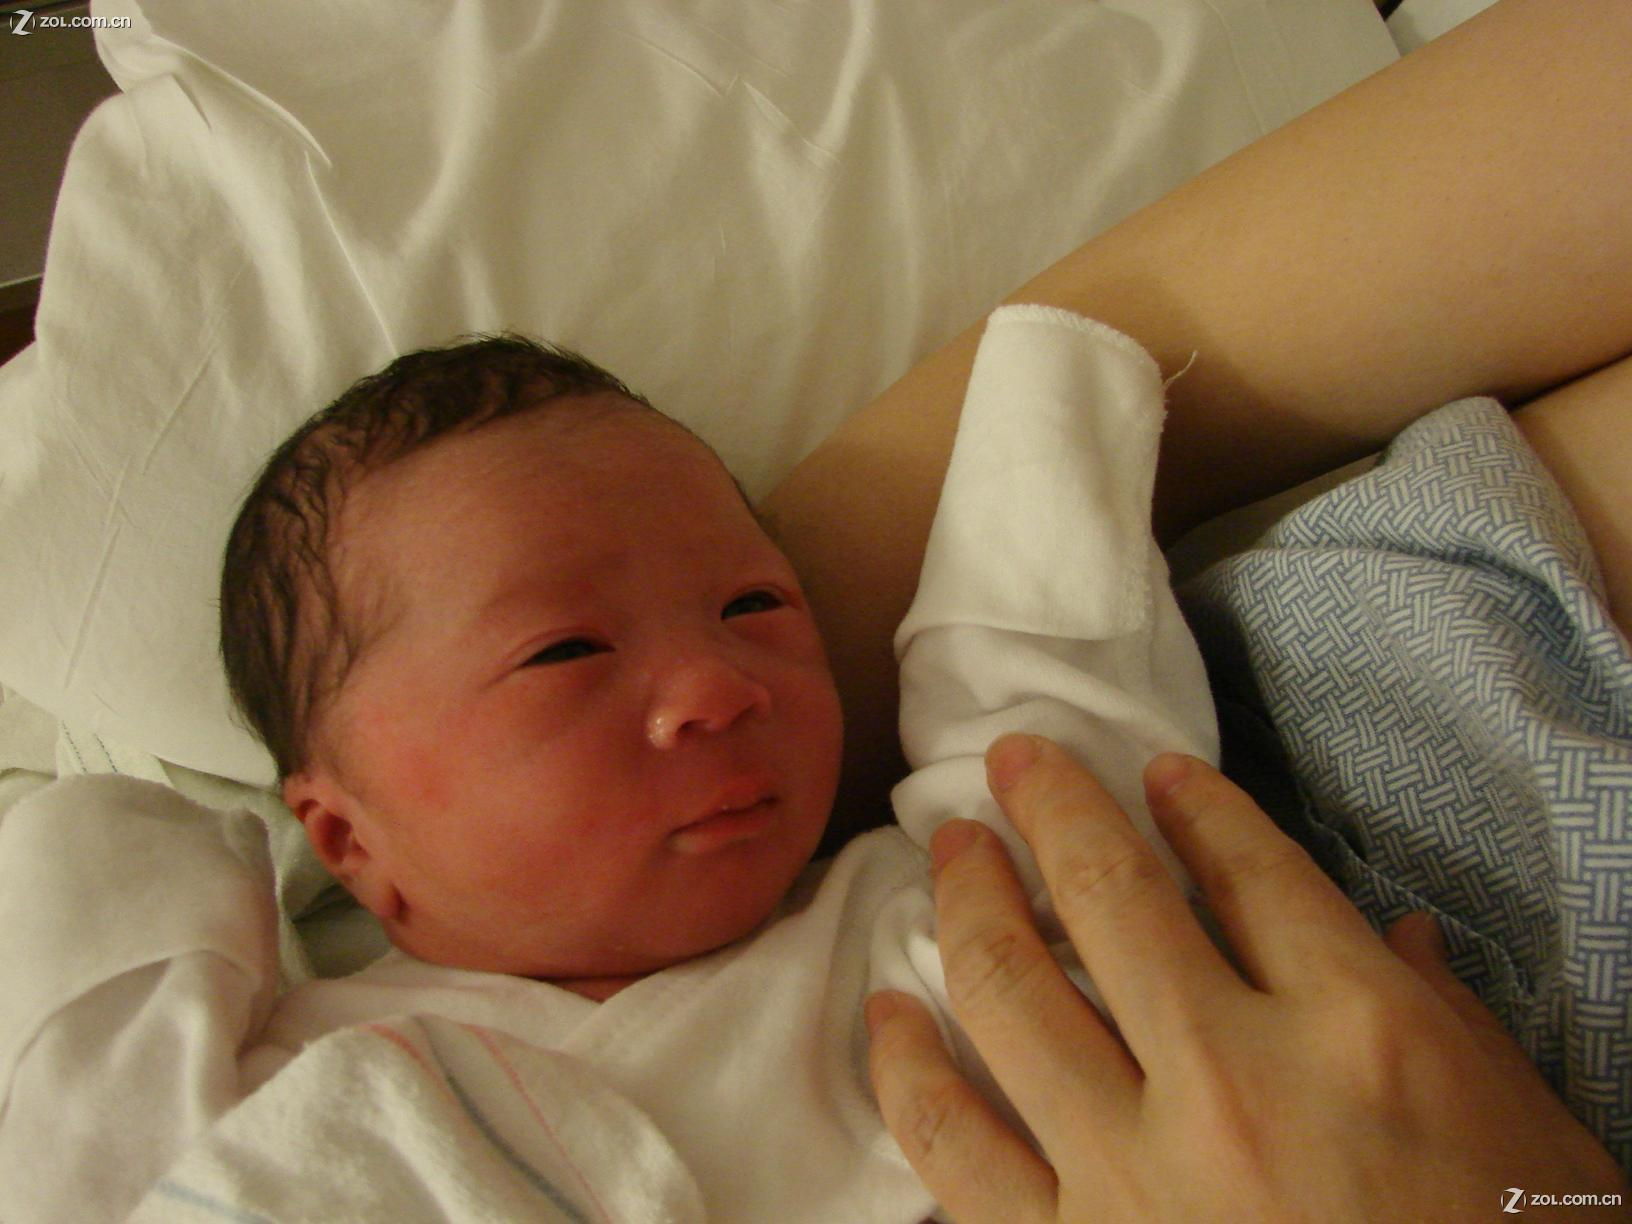 【儿子刚出生的照片】索尼